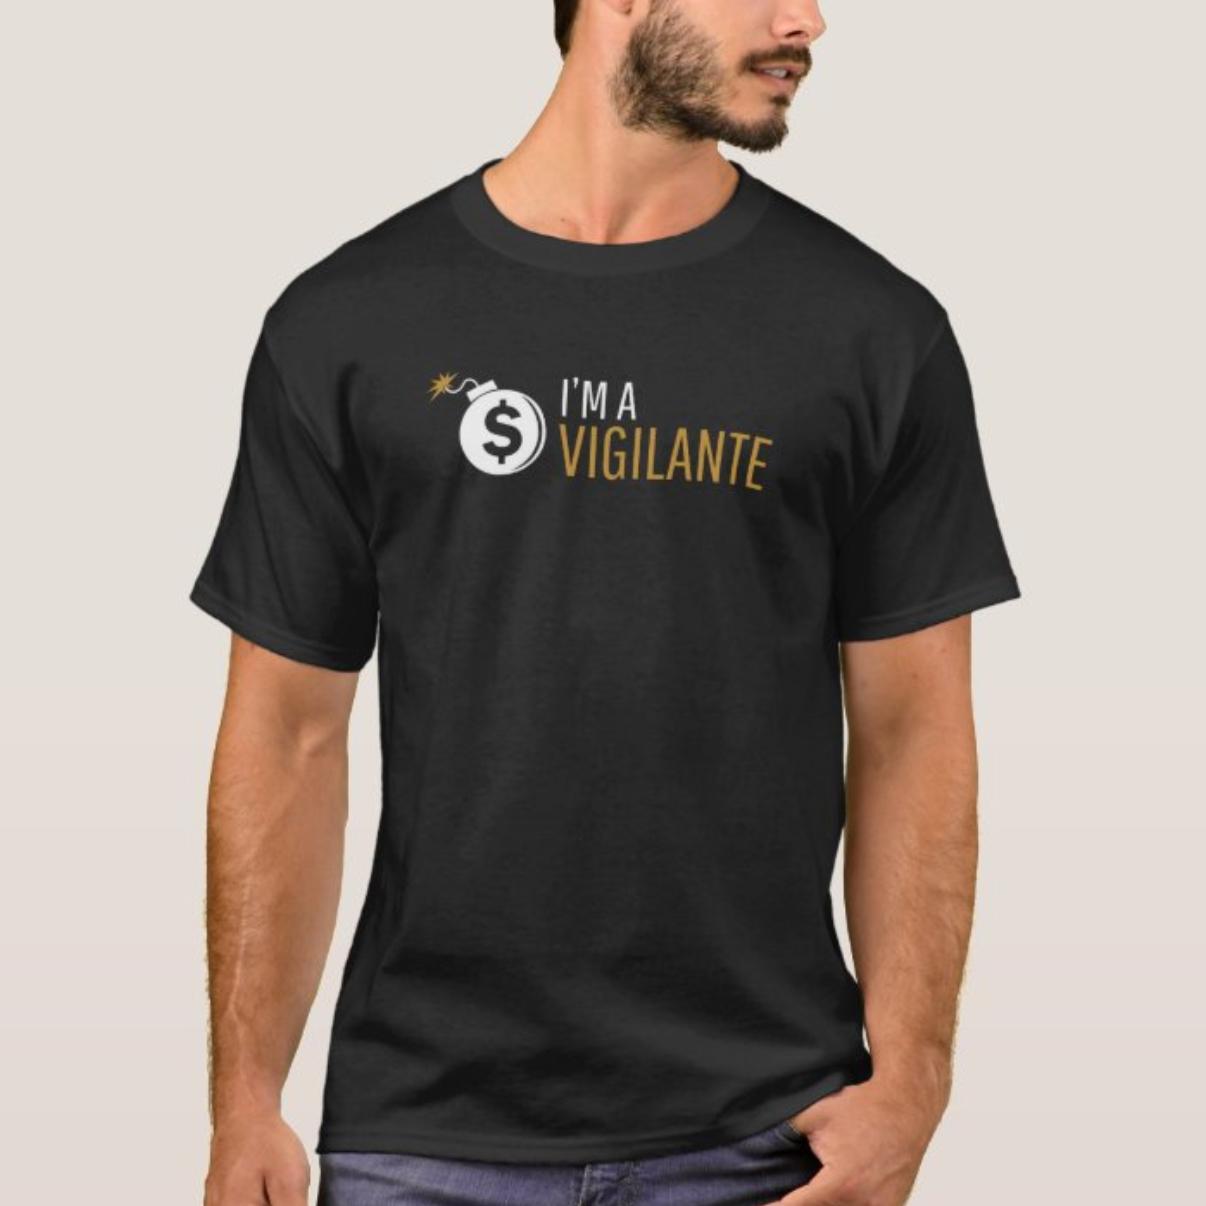 im a vigilante t shirt mens